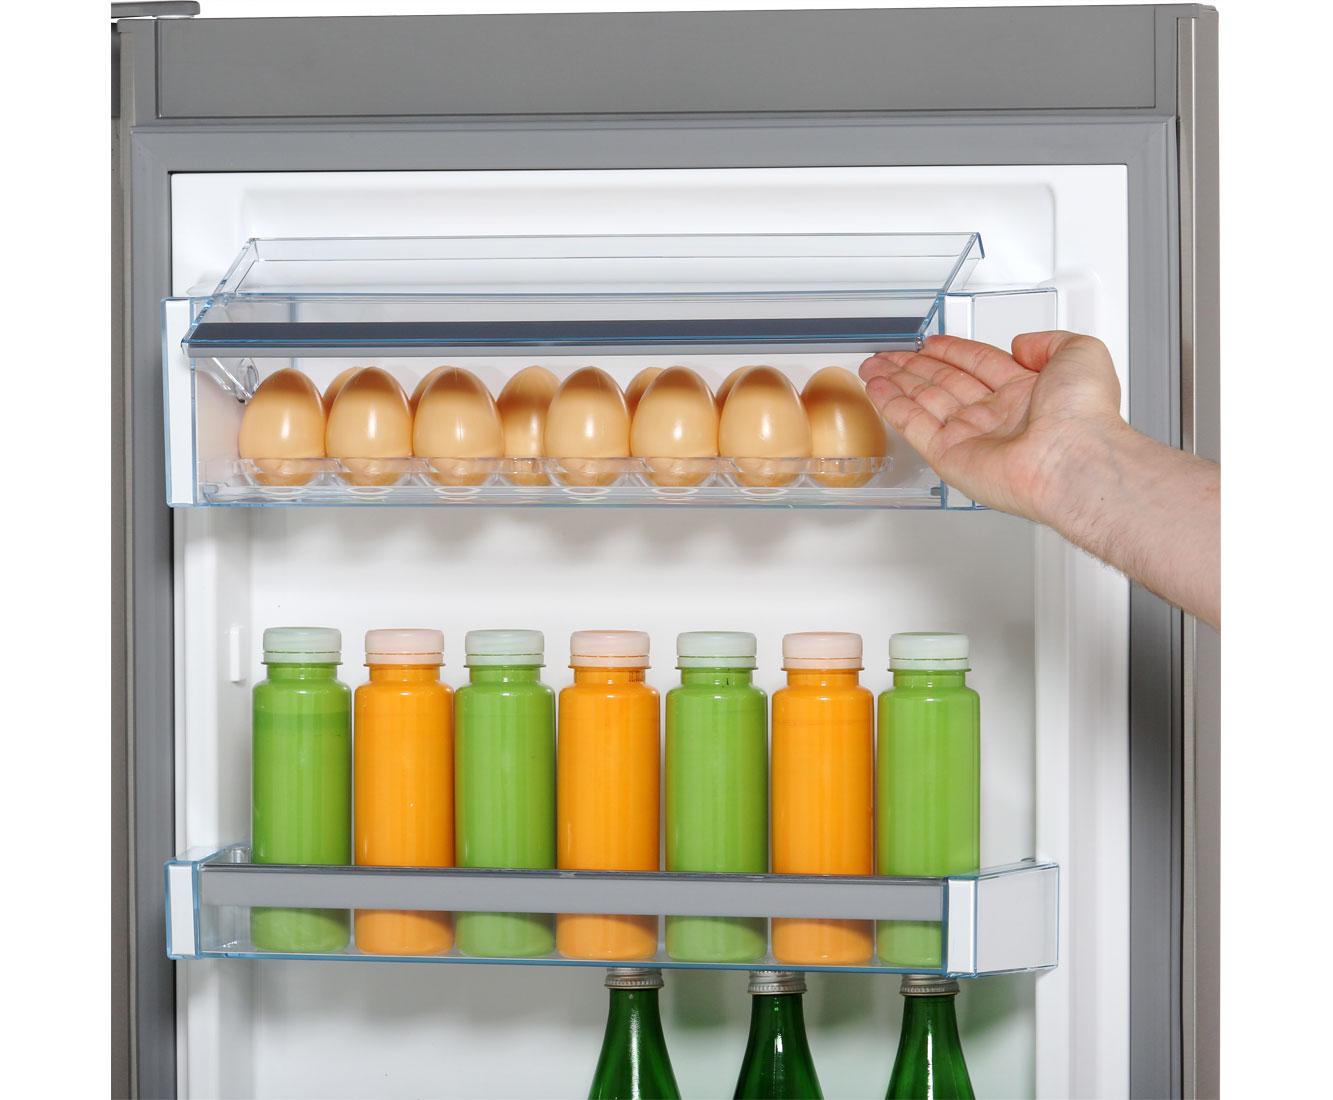 Bosch Kühlschrank Kgn 36 Xi 45 : Bosch kühlschrank kgn 39 xi 45: bosch kgn ebay kleinanzeigen. bosch